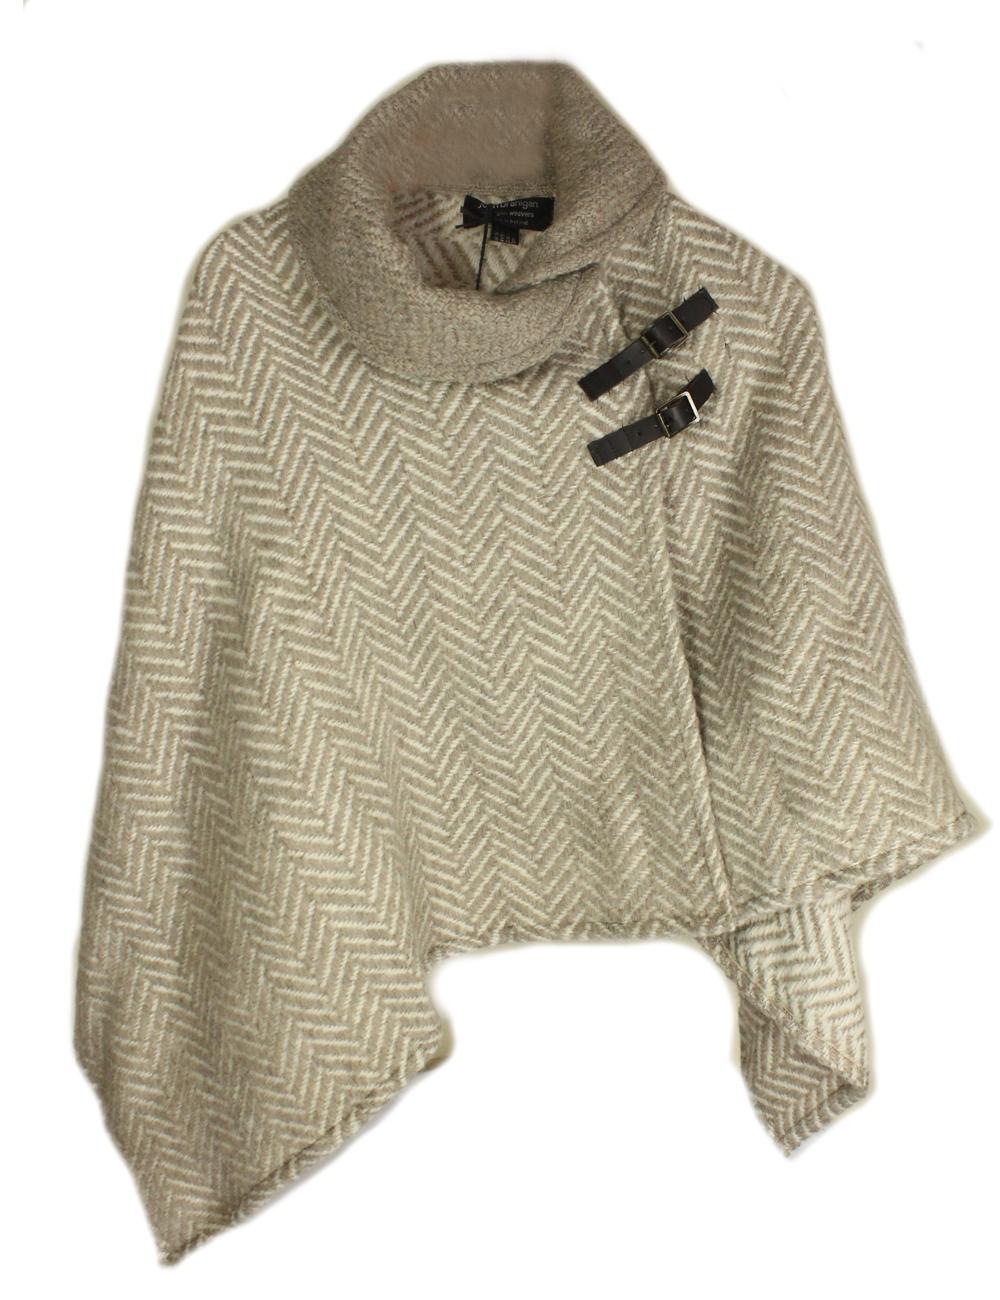 Irish Knit Poncho Herringbone Lambswool from Ireland | eBay